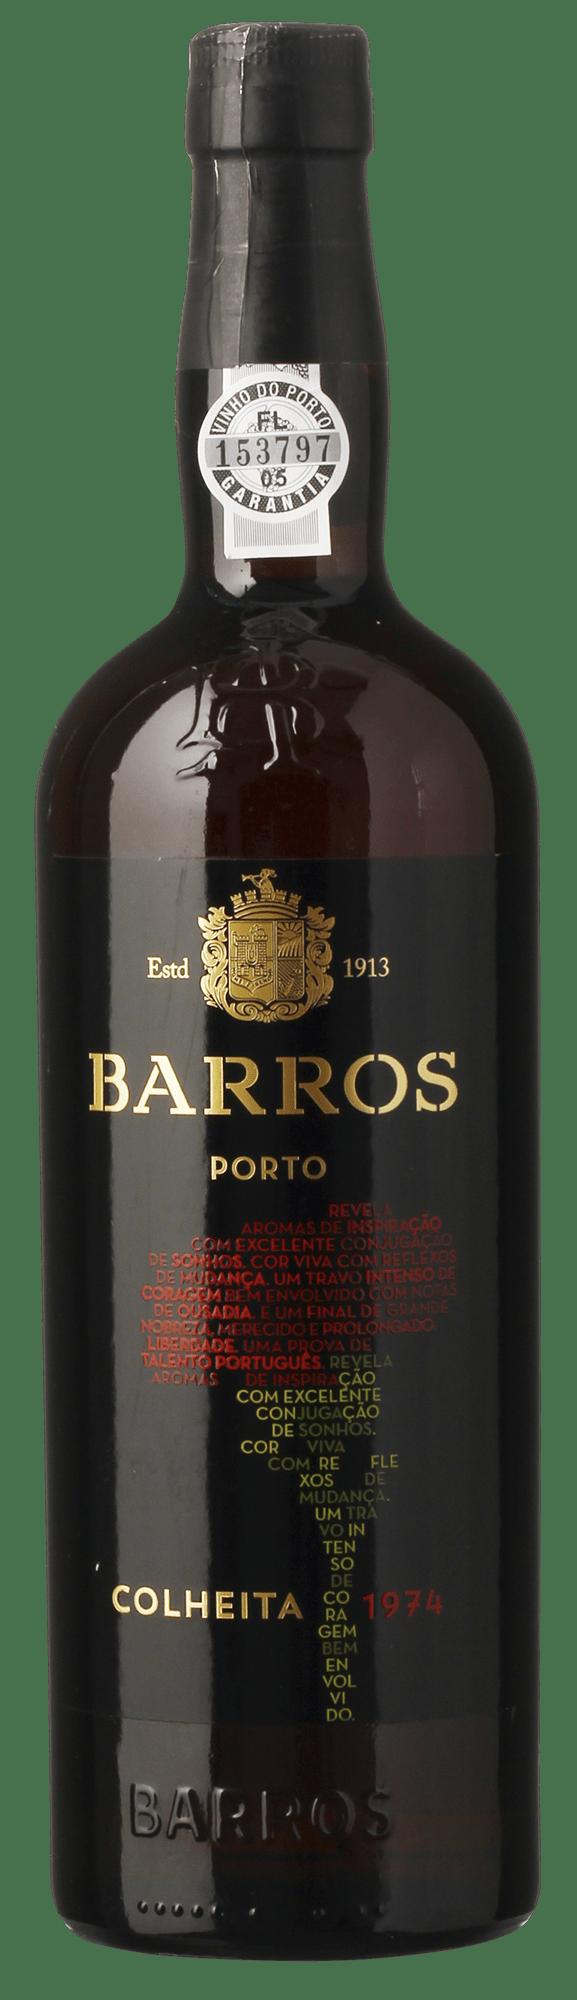 Barros Colheita 1974